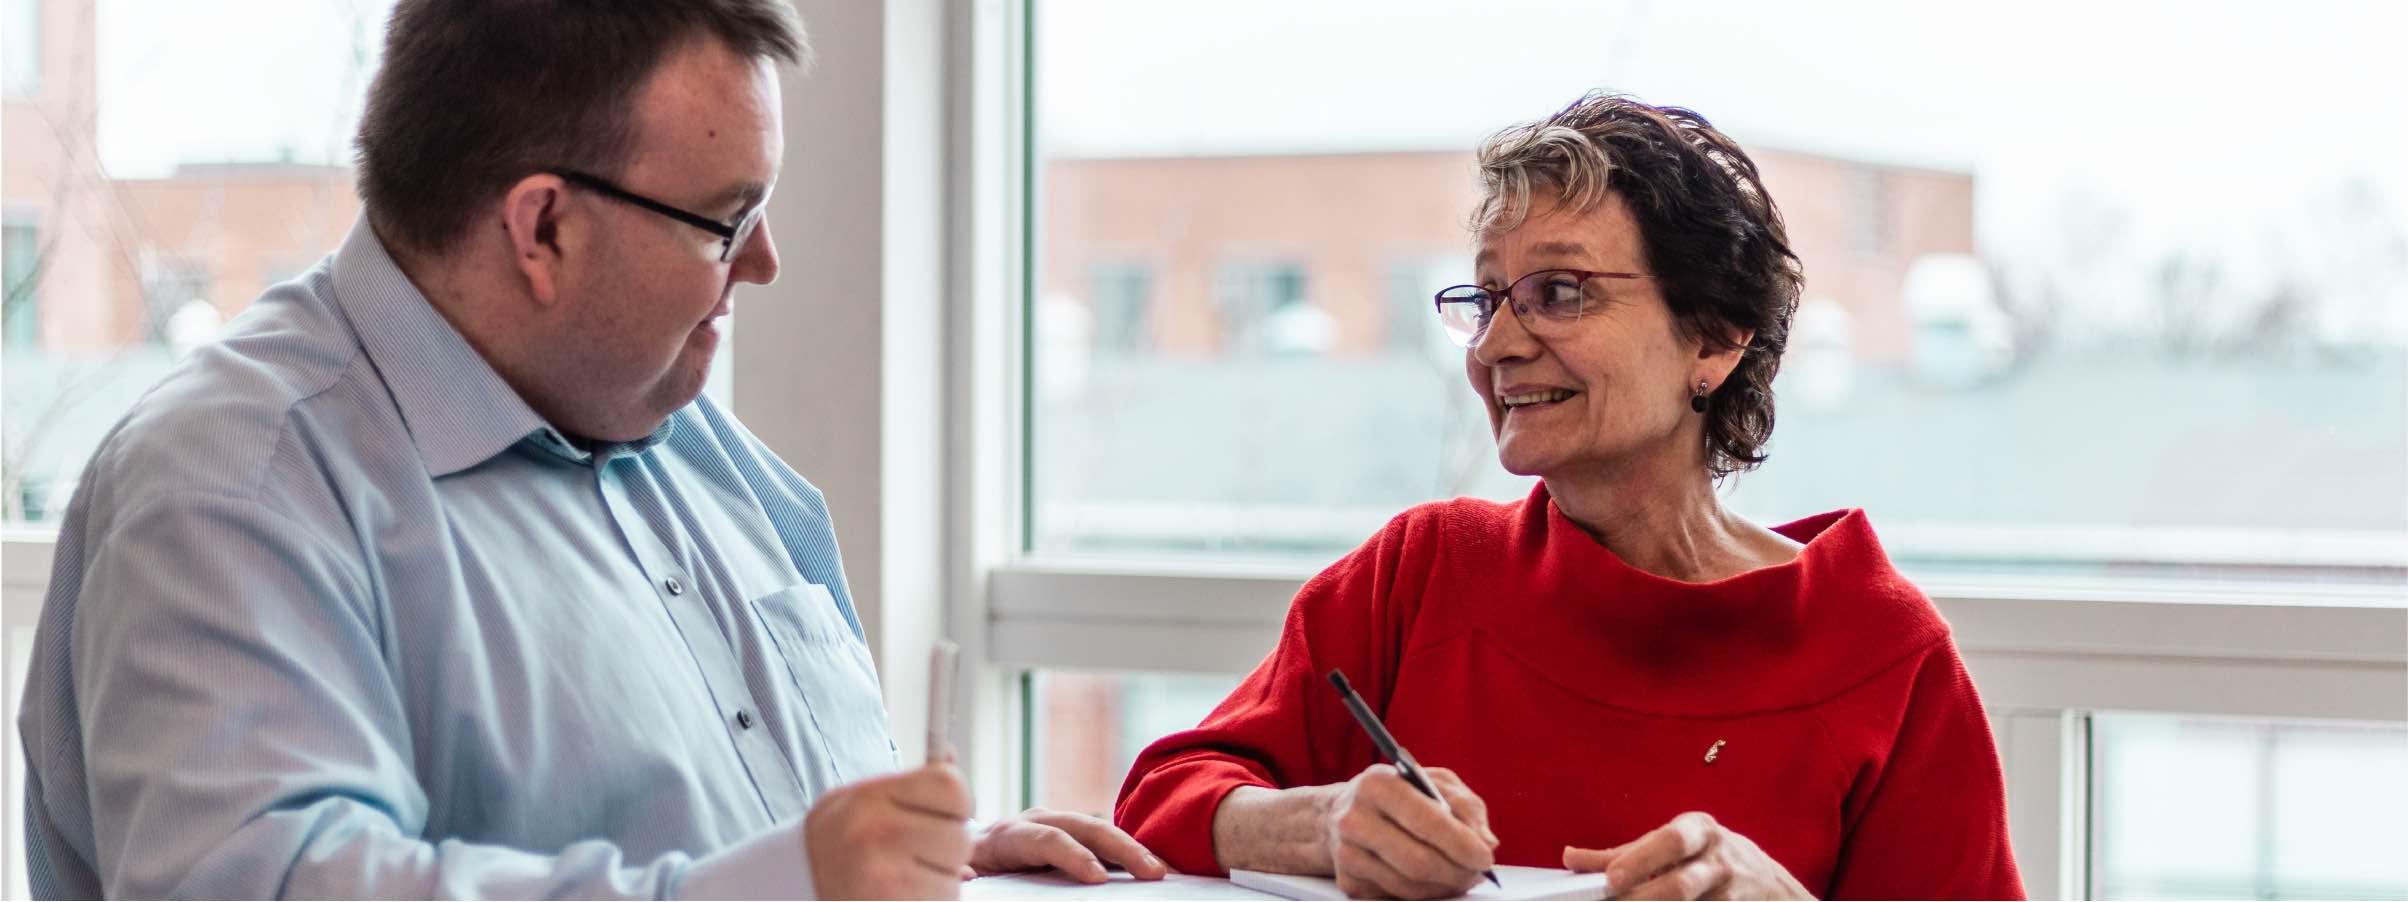 Lad Valeurs konsulenter sørge for at du undgår at potentielle kunder ikke mister interessen i jeres virksomhed.